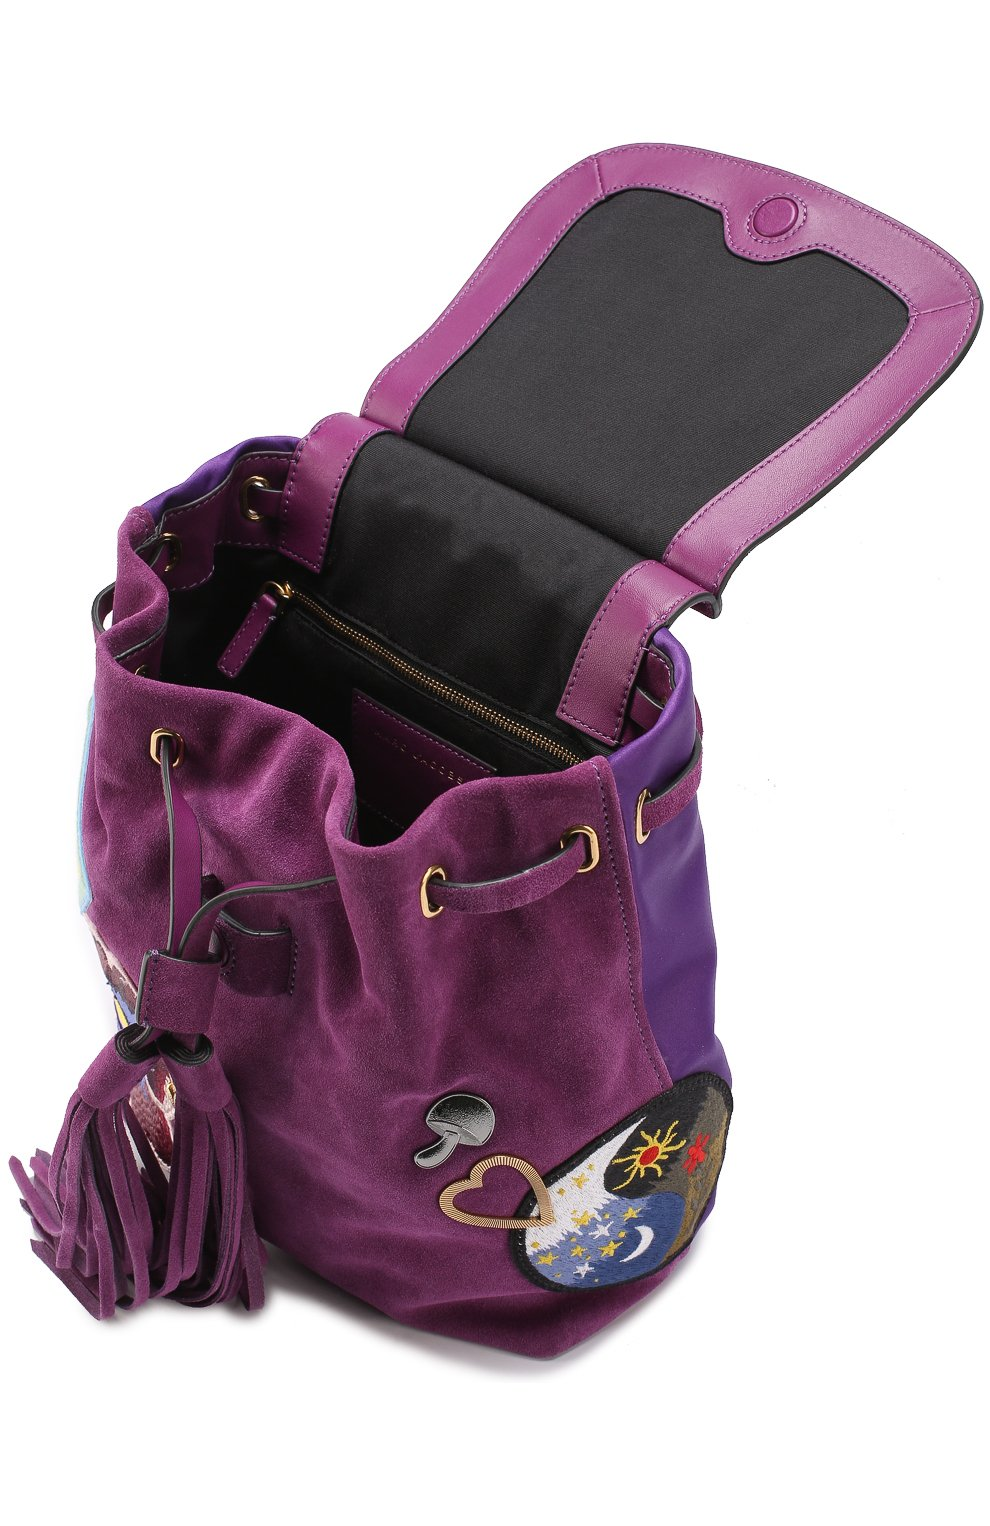 Замшевый рюкзак Zip Pack с нашивками | Фото №3